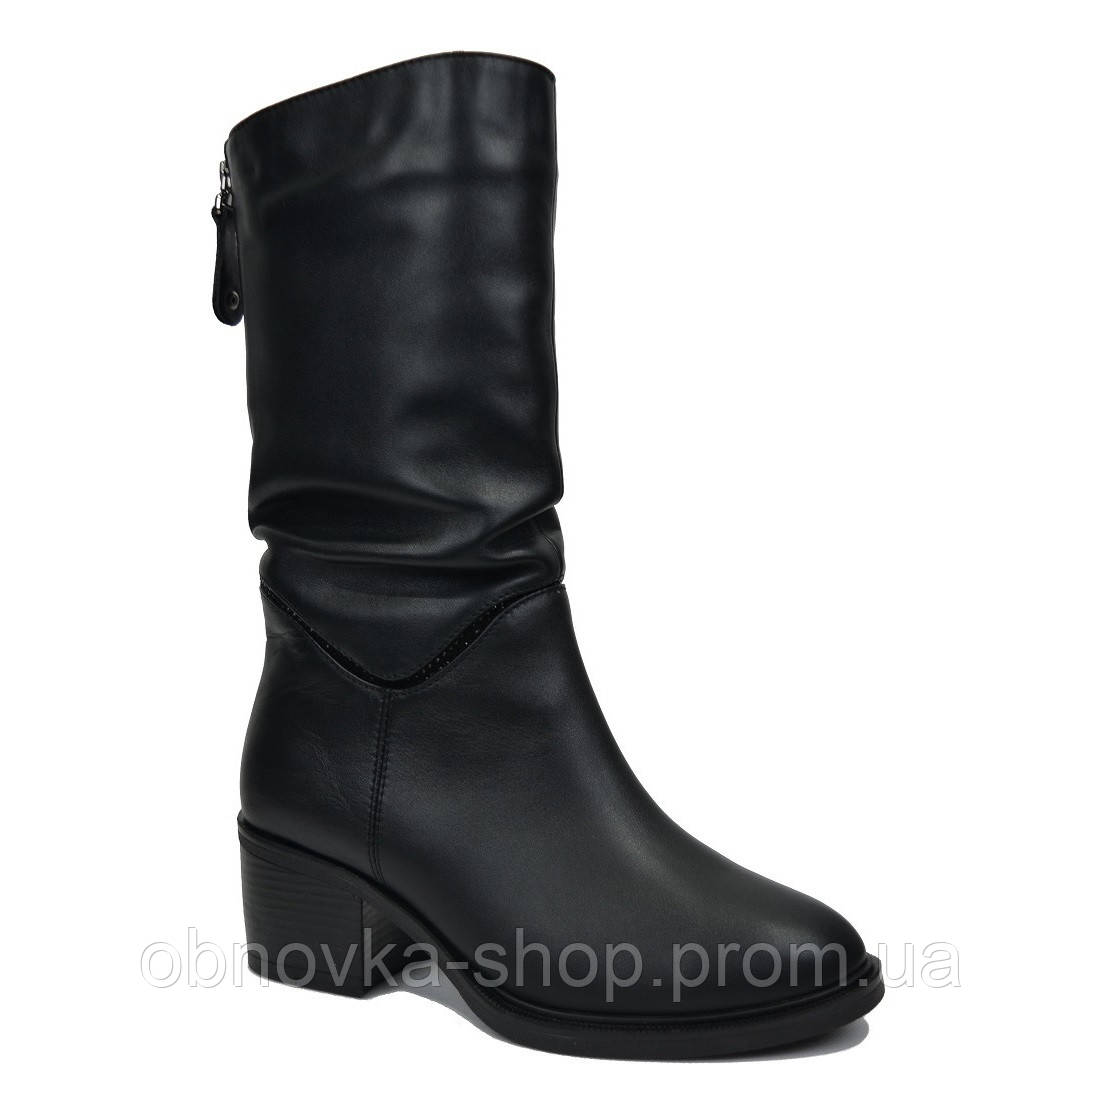 Короткие зимние сапоги на каблуке 36-41 - Интернет-магазин одежды и обуви в fdfbc79a234